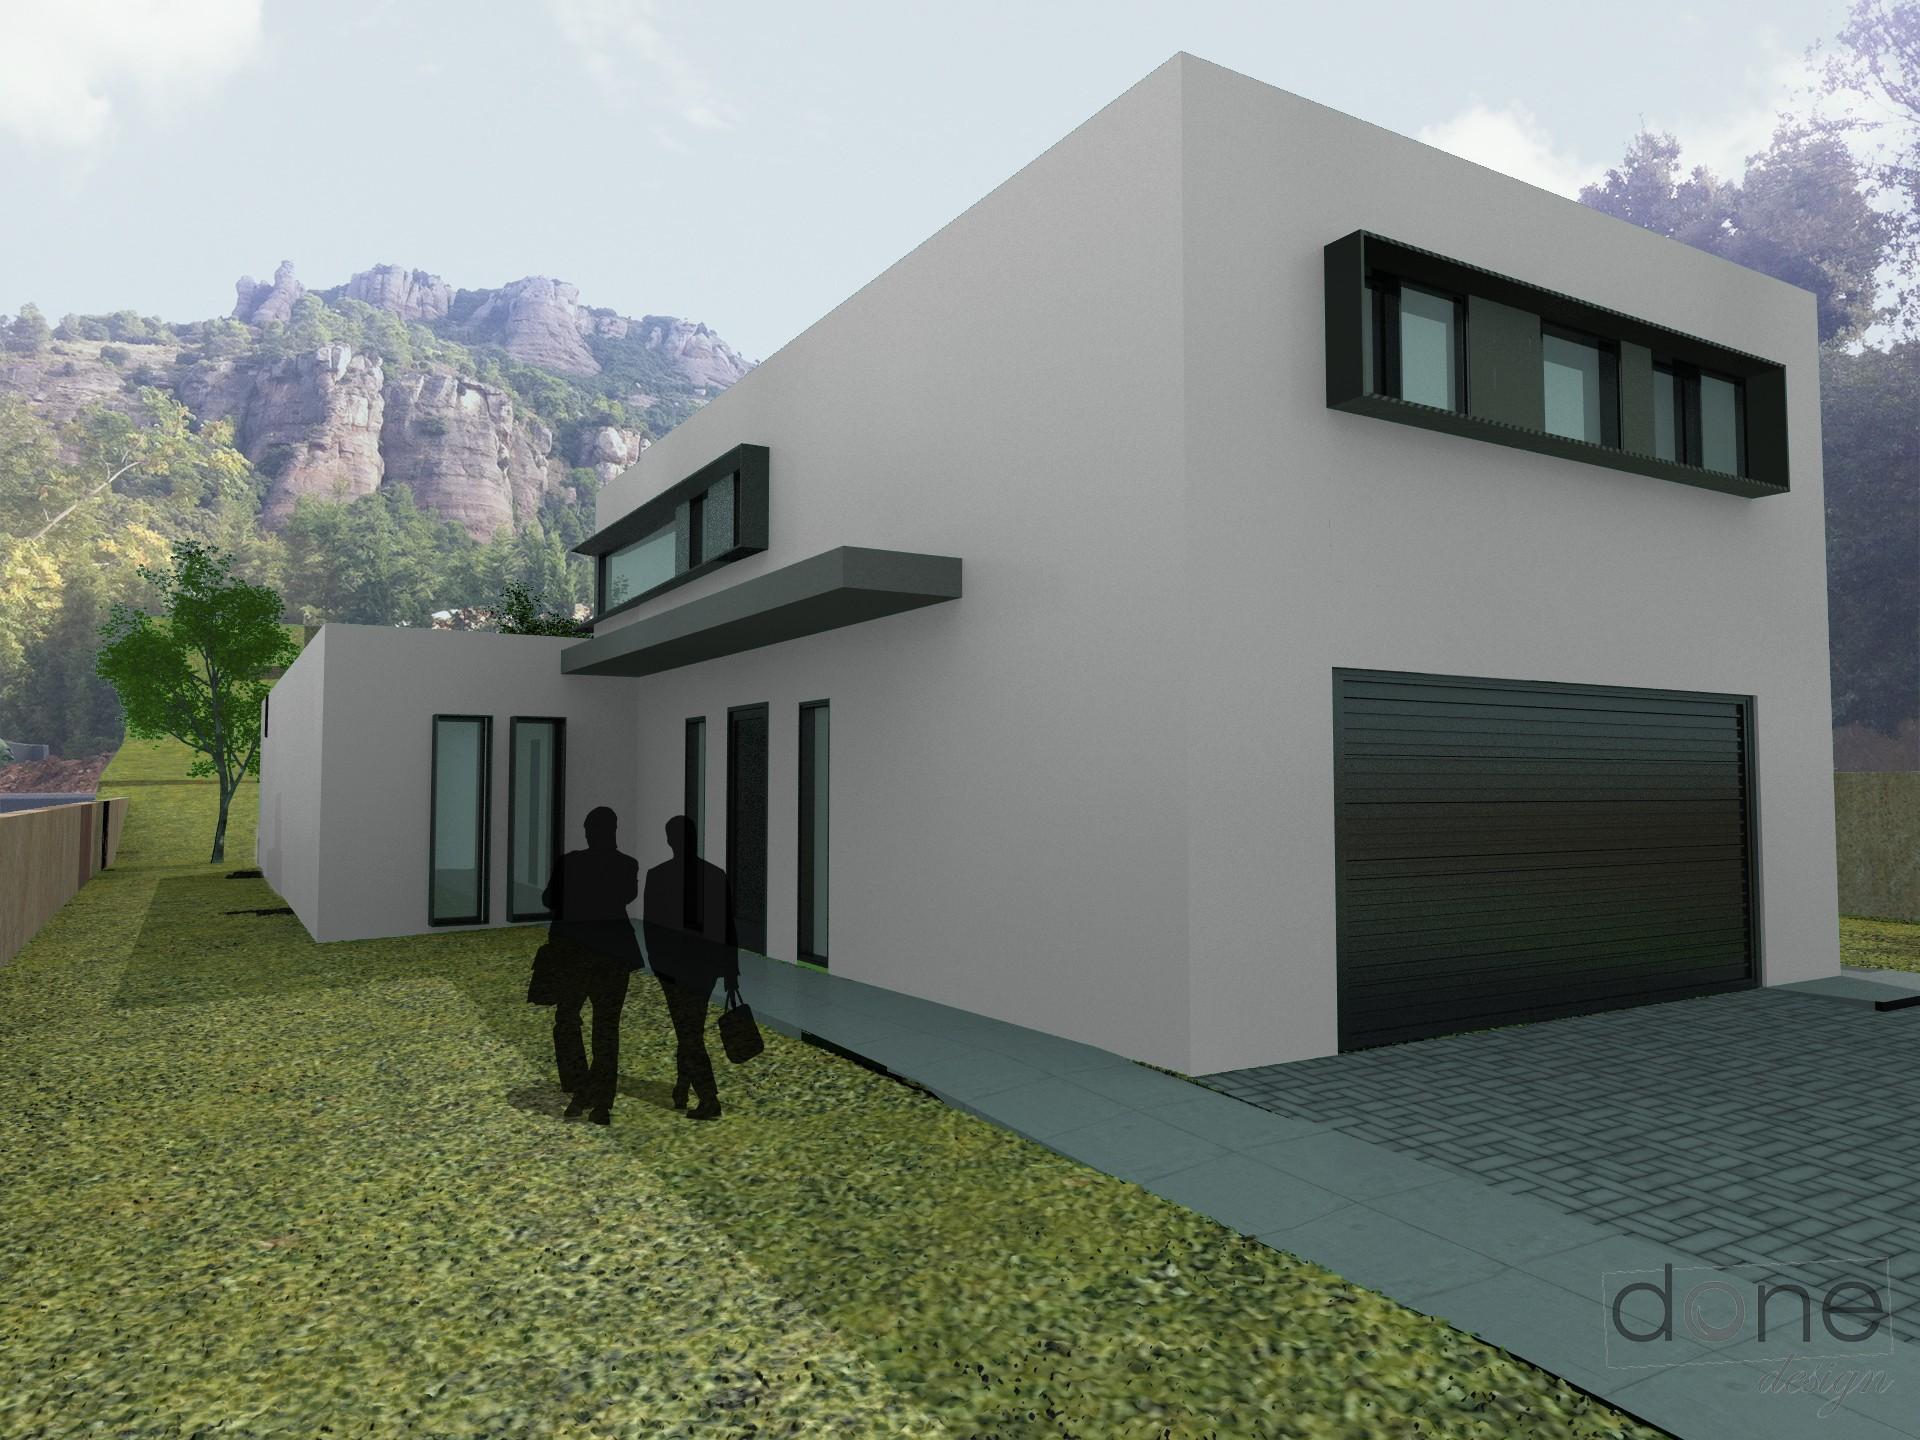 Casas de hormigon celular de odon m casas construidas con hormign celular y trasdosado with - Casas hormigon celular ...